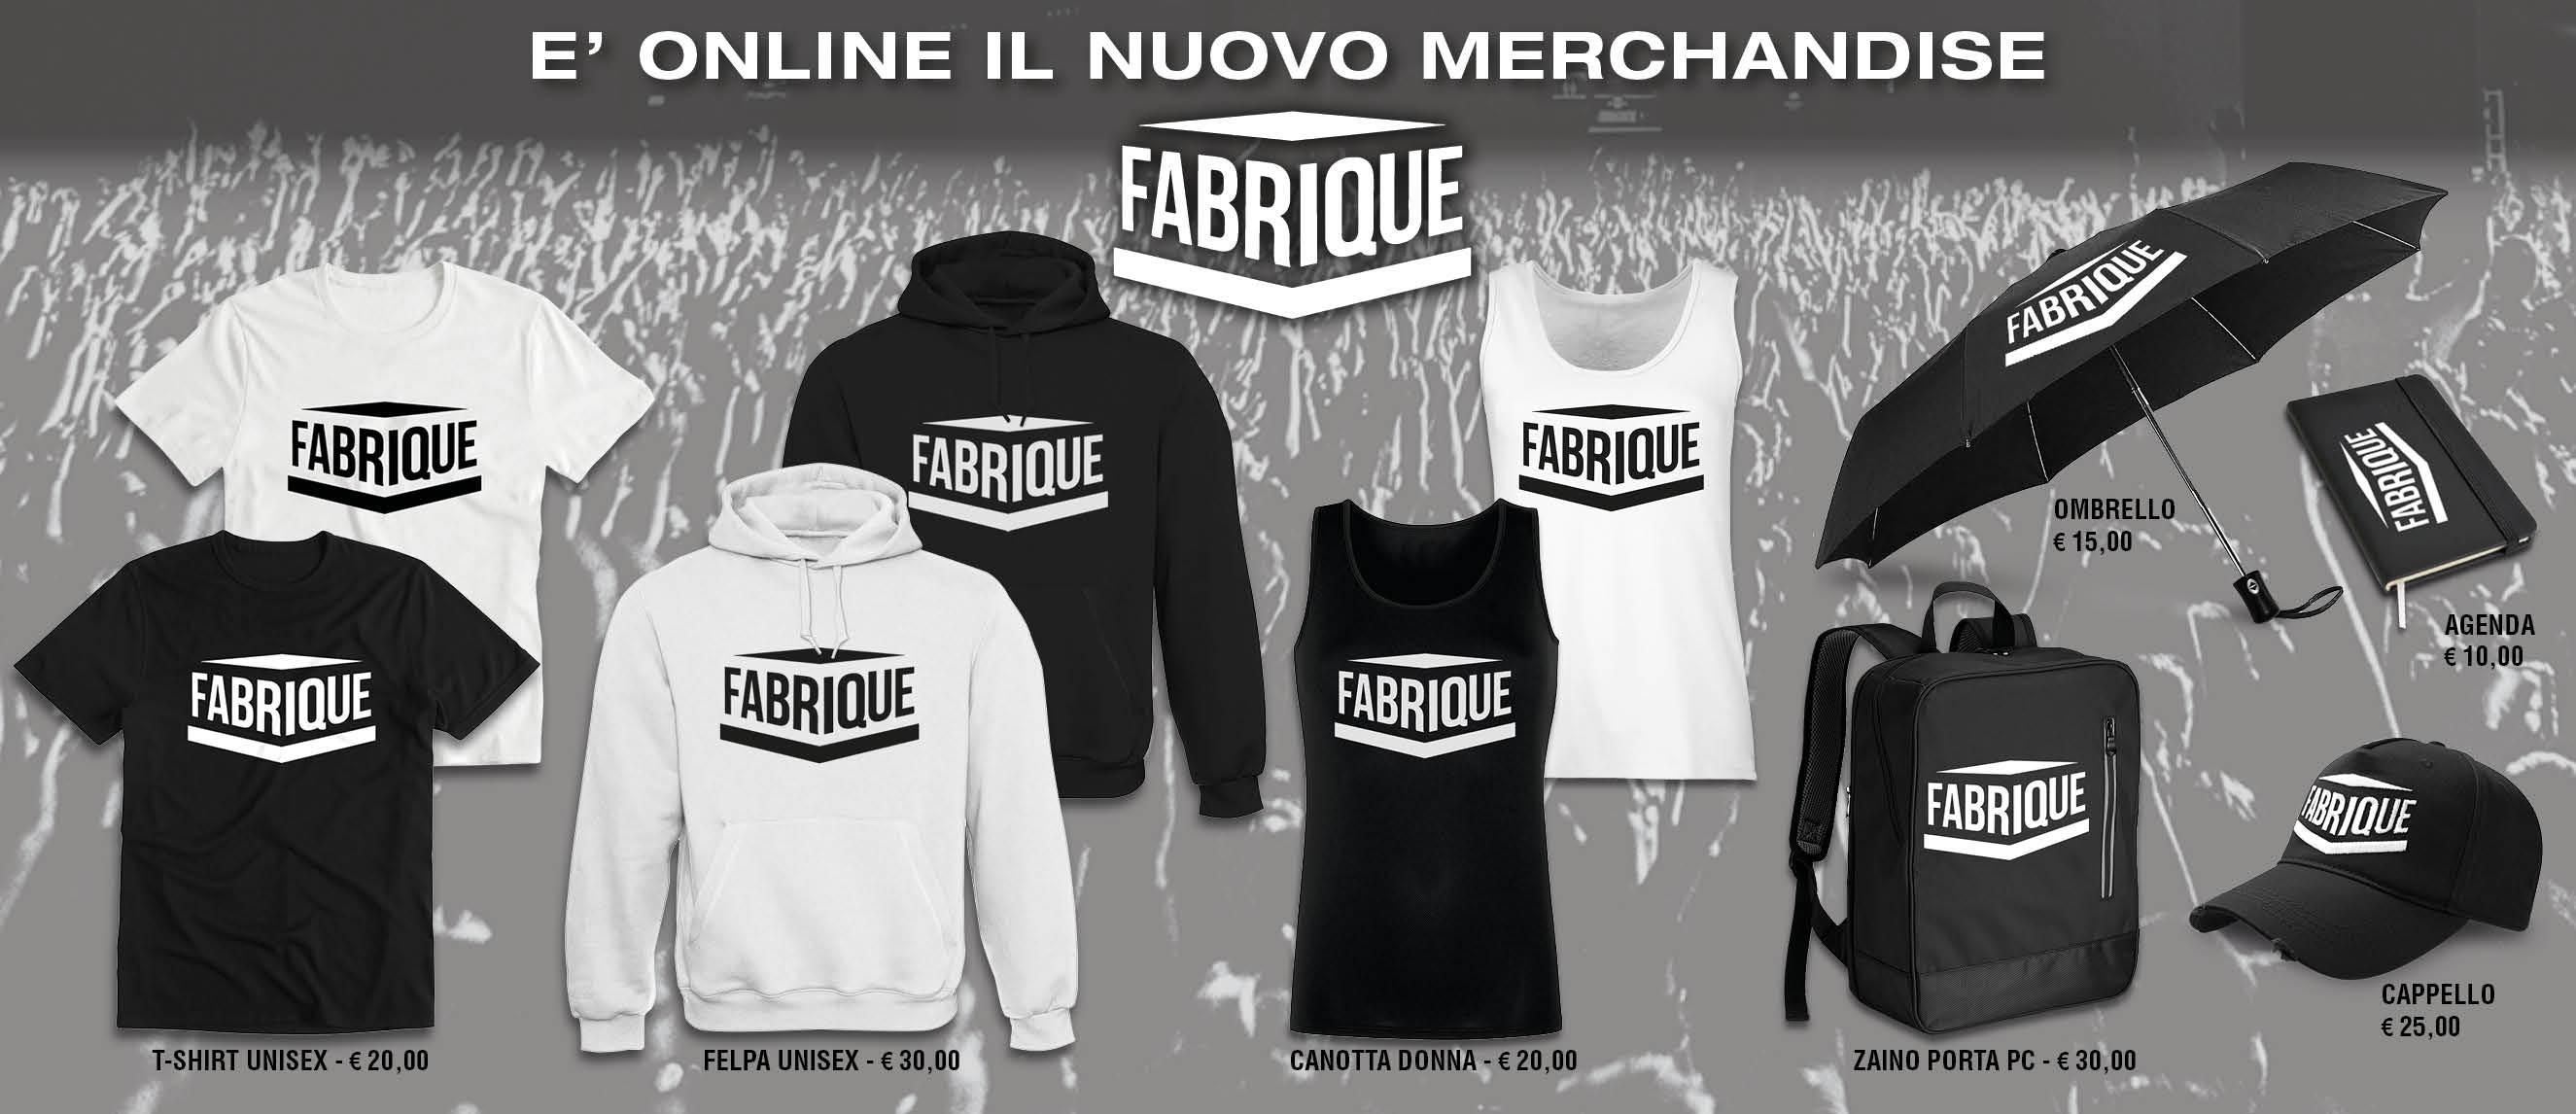 Fabrique, Milano